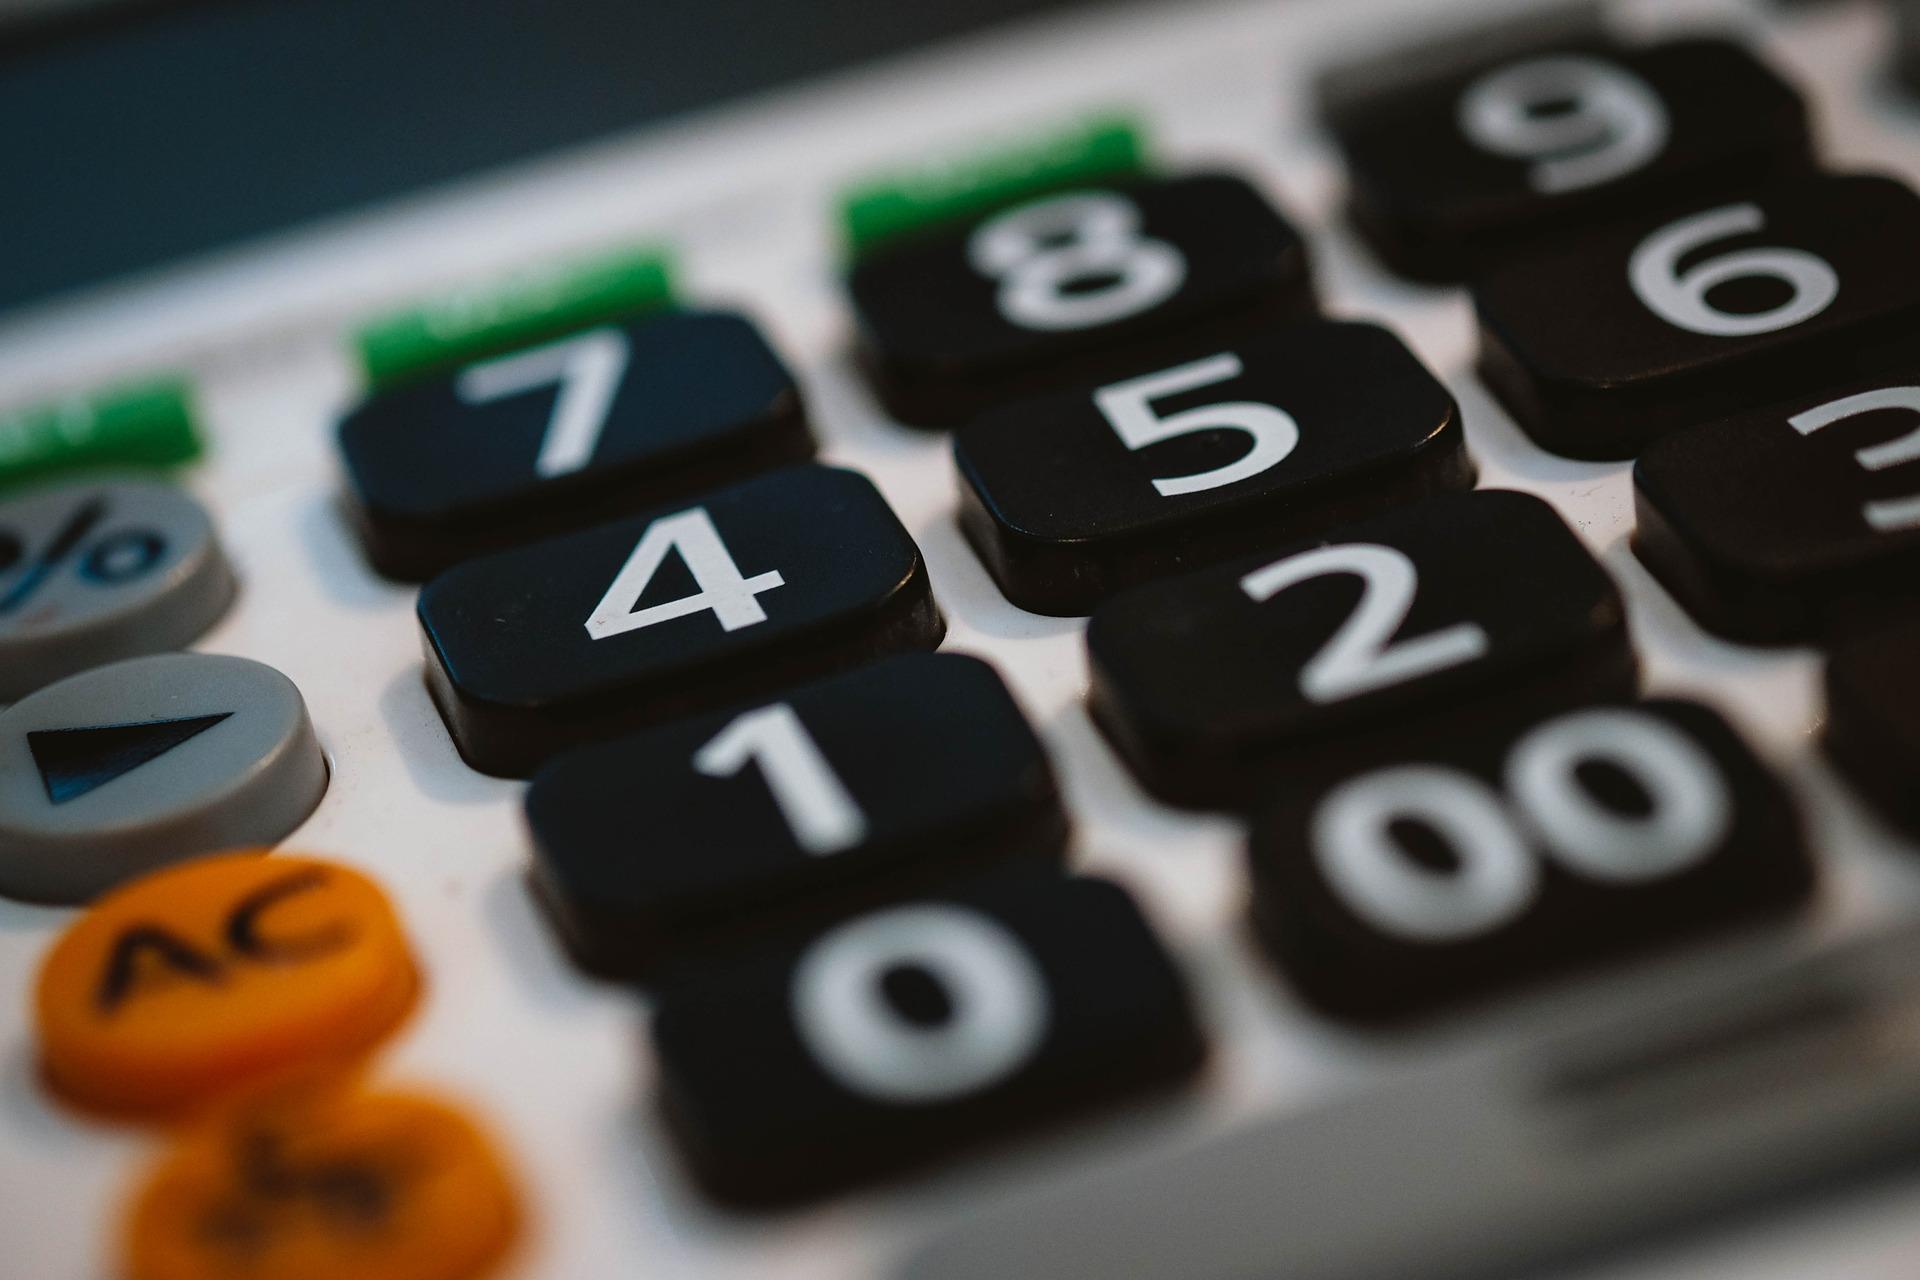 Возможности стандартного калькулятора в Windows, о которых никто не знает